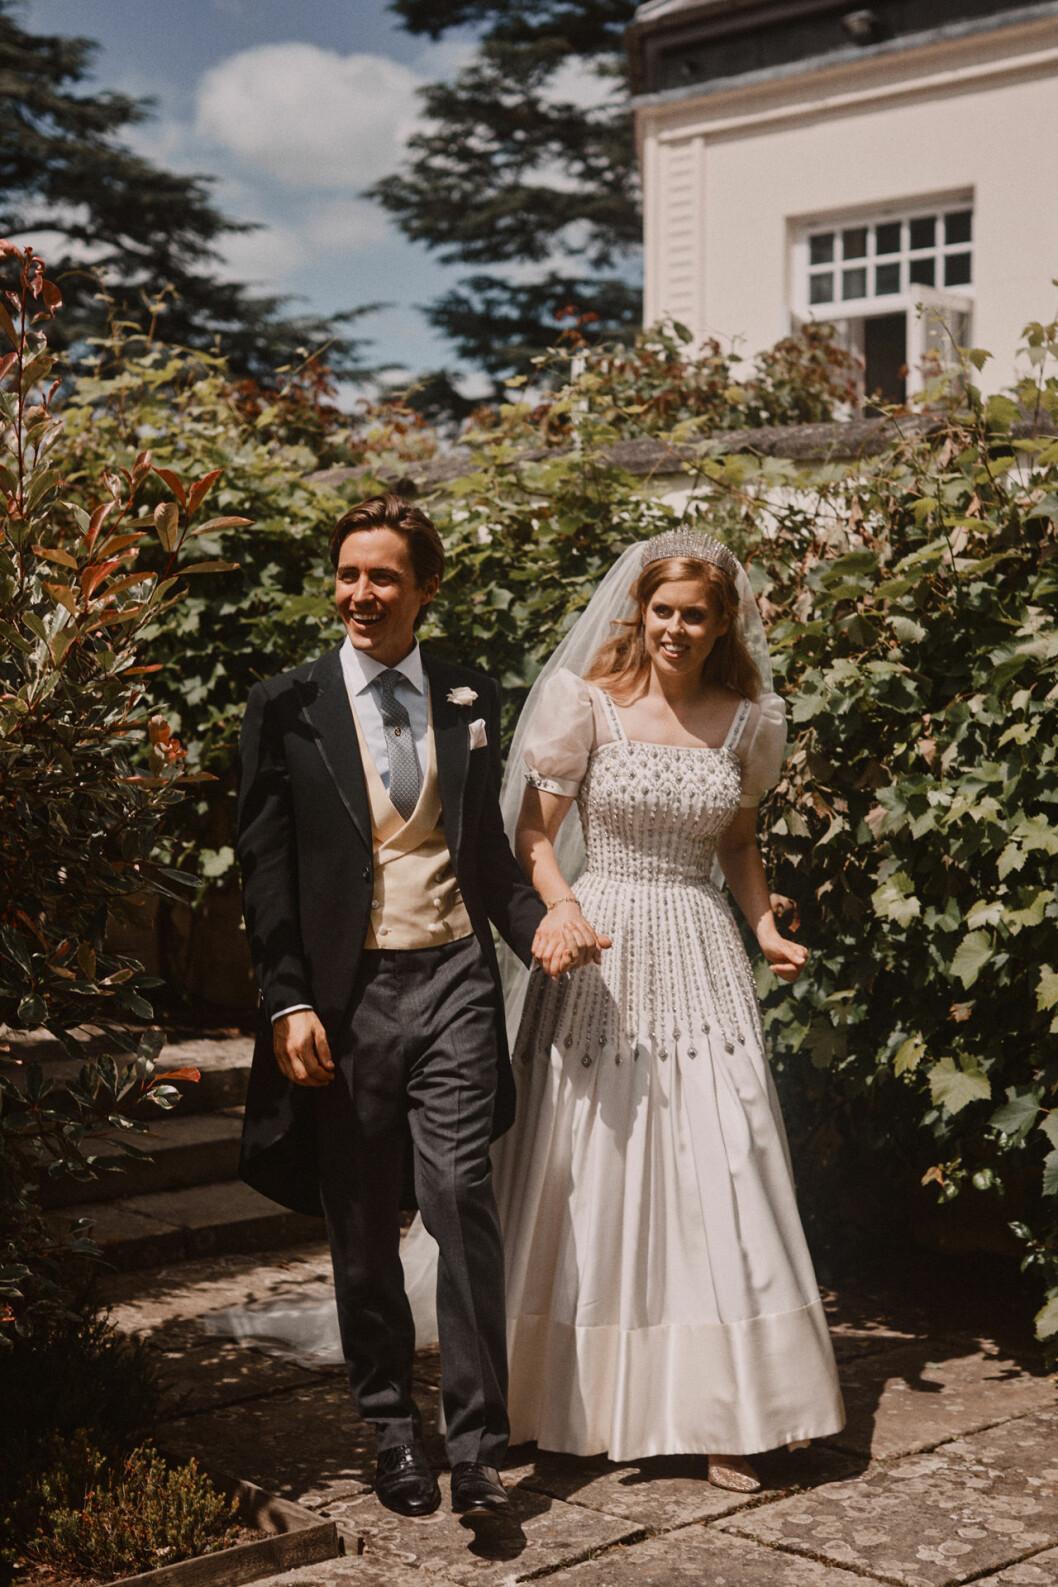 Prinsessan Beatrice och Edoardo Mapelli Mozzi på väg till bröllopsfesten